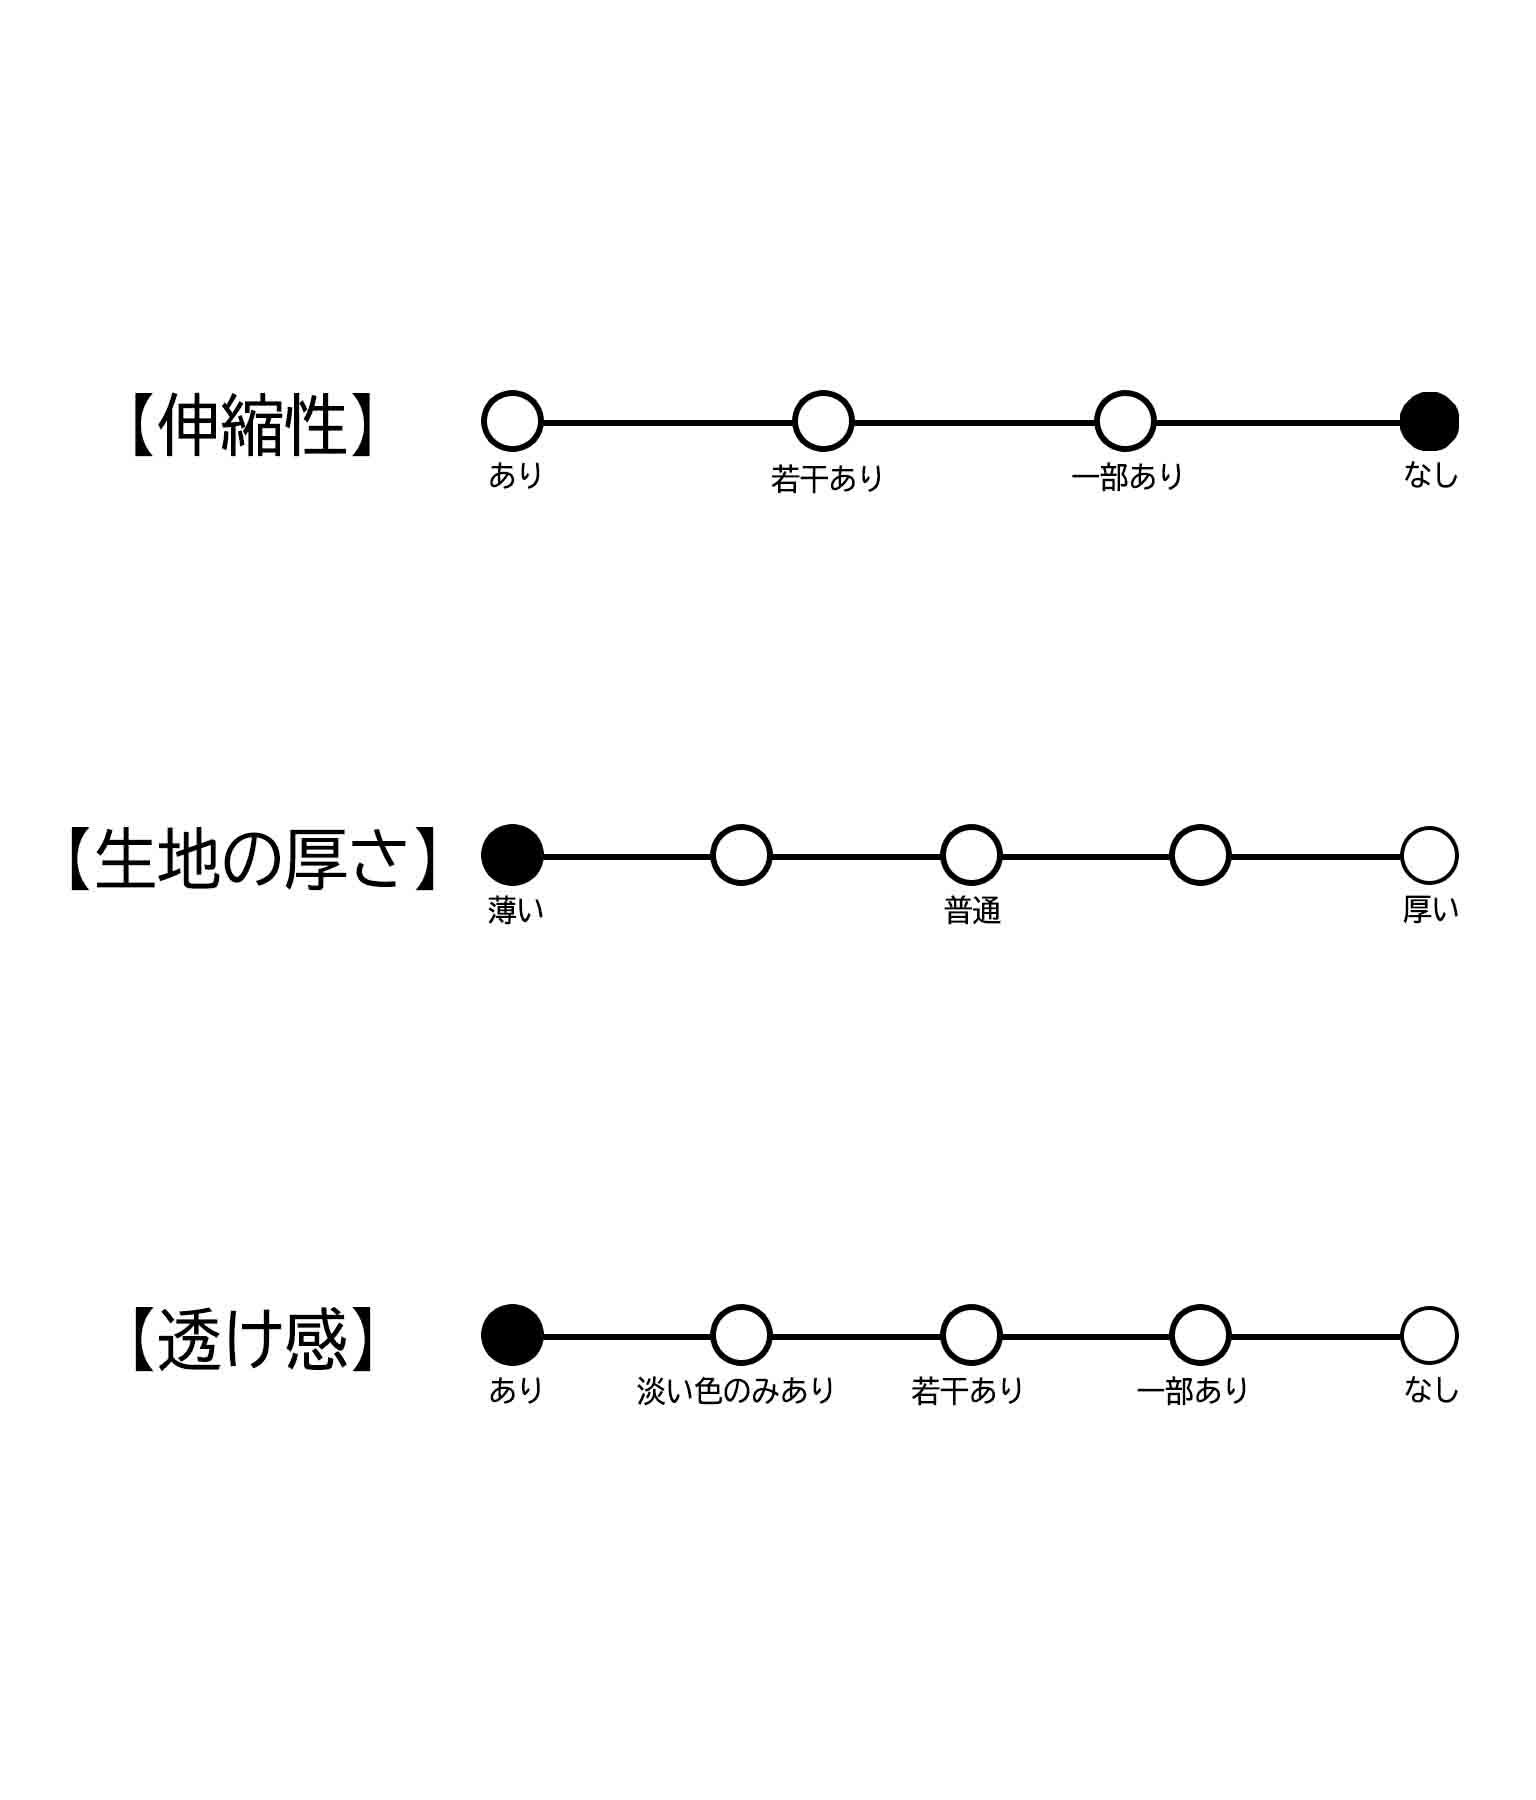 シアーブルゾン(アウター(コート・ジャケット) /ジャケット・ブルゾン) | ANAP